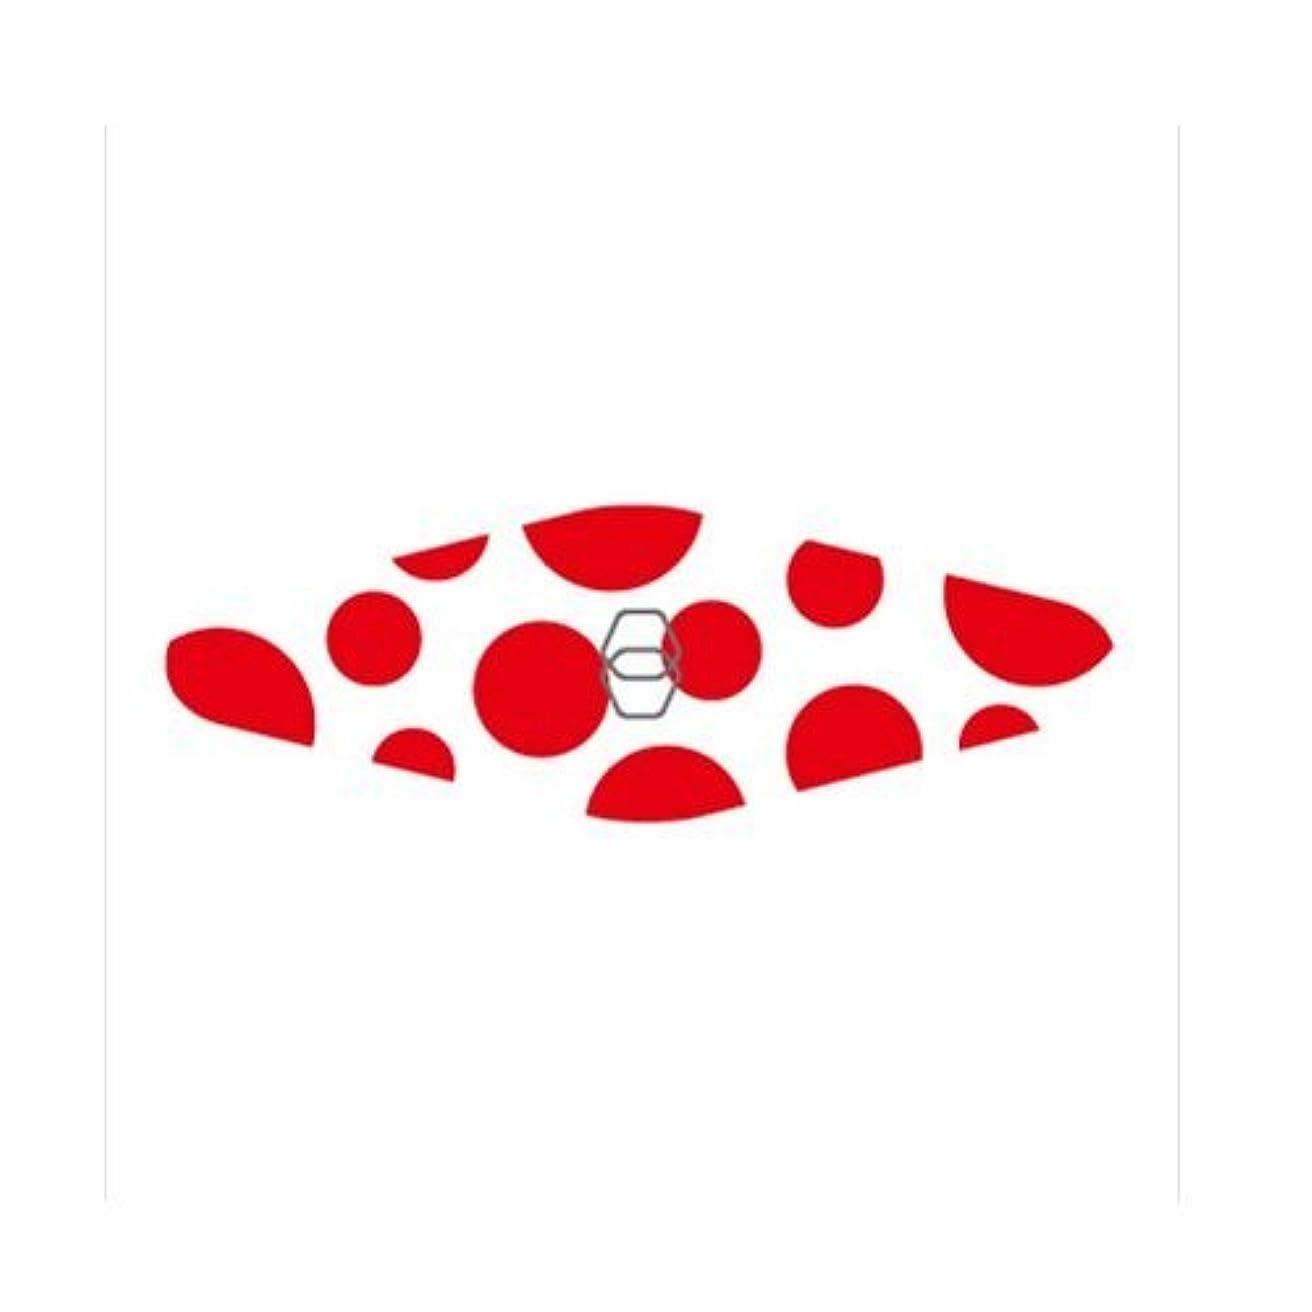 海里過ち動員するGOEI DIAMOND ダイヤモンド爪やすり キャリー(赤ドット)